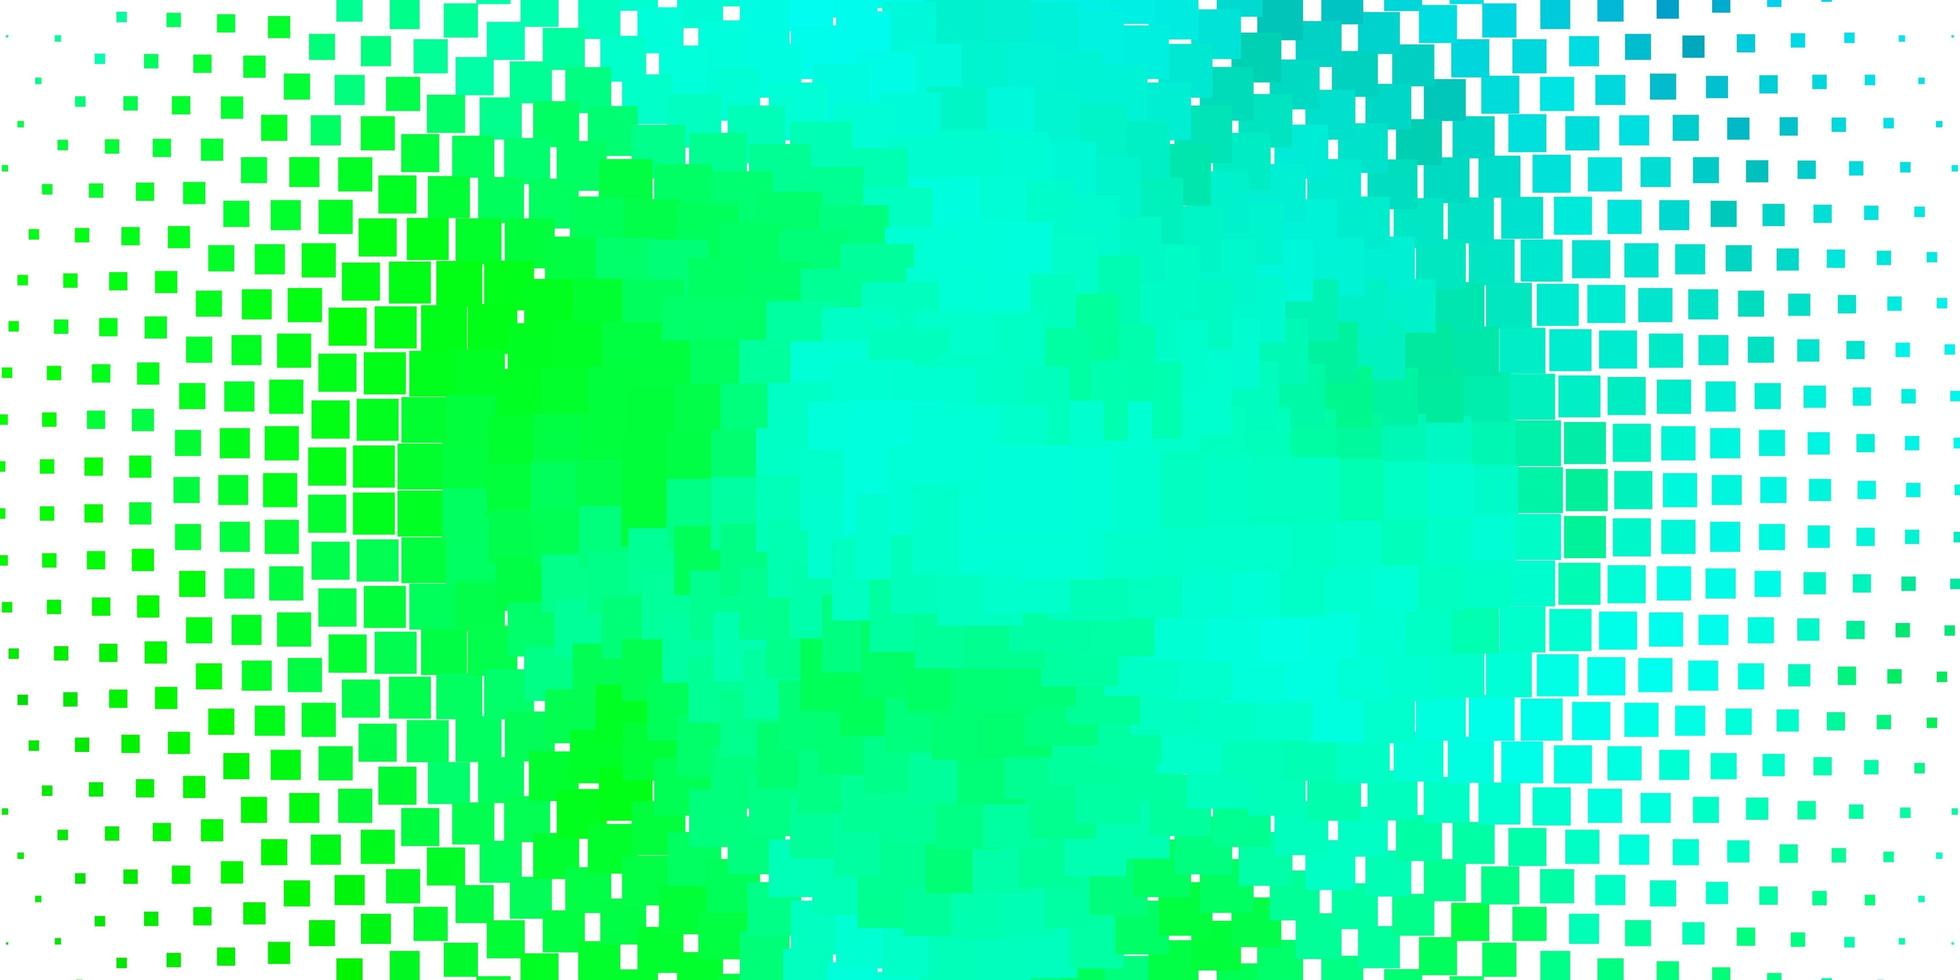 pano de fundo vector azul e verde claro com retângulos.